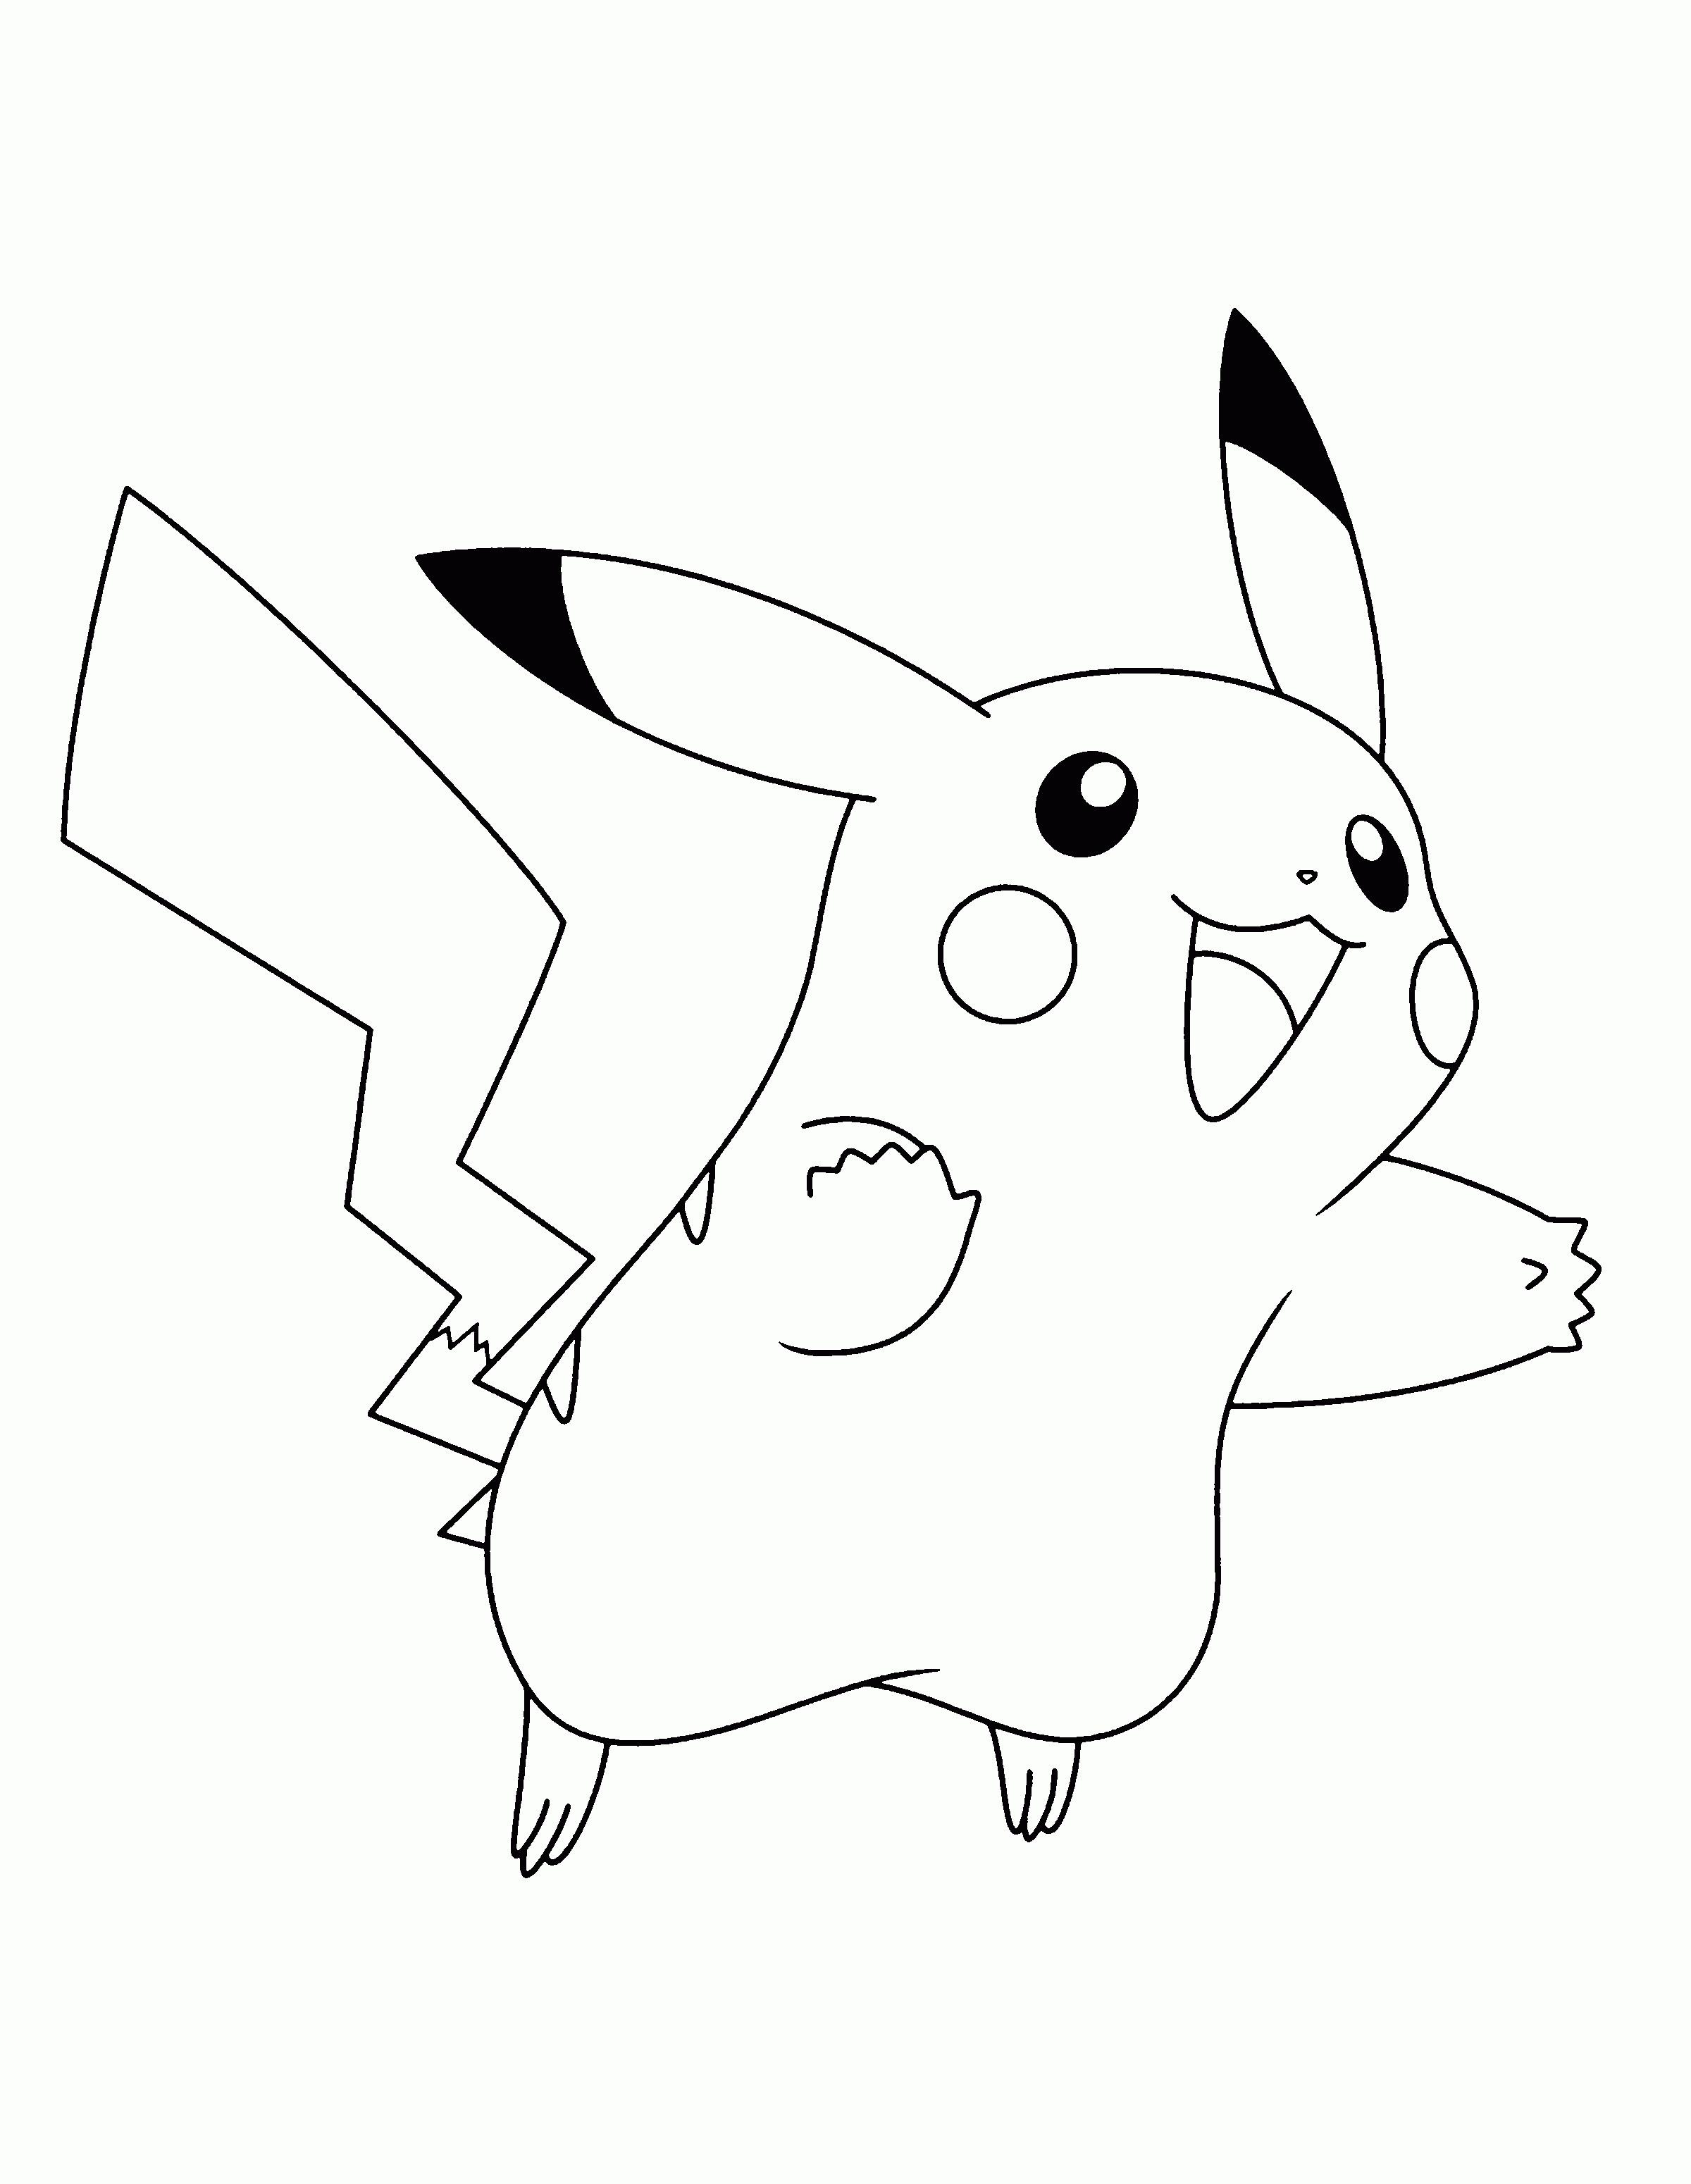 Ausmalbilder Pokemon Nachtara Frisch Pokemon Ausmalbilder Zum Drucken Ausmalbilder Webpage Das Bild